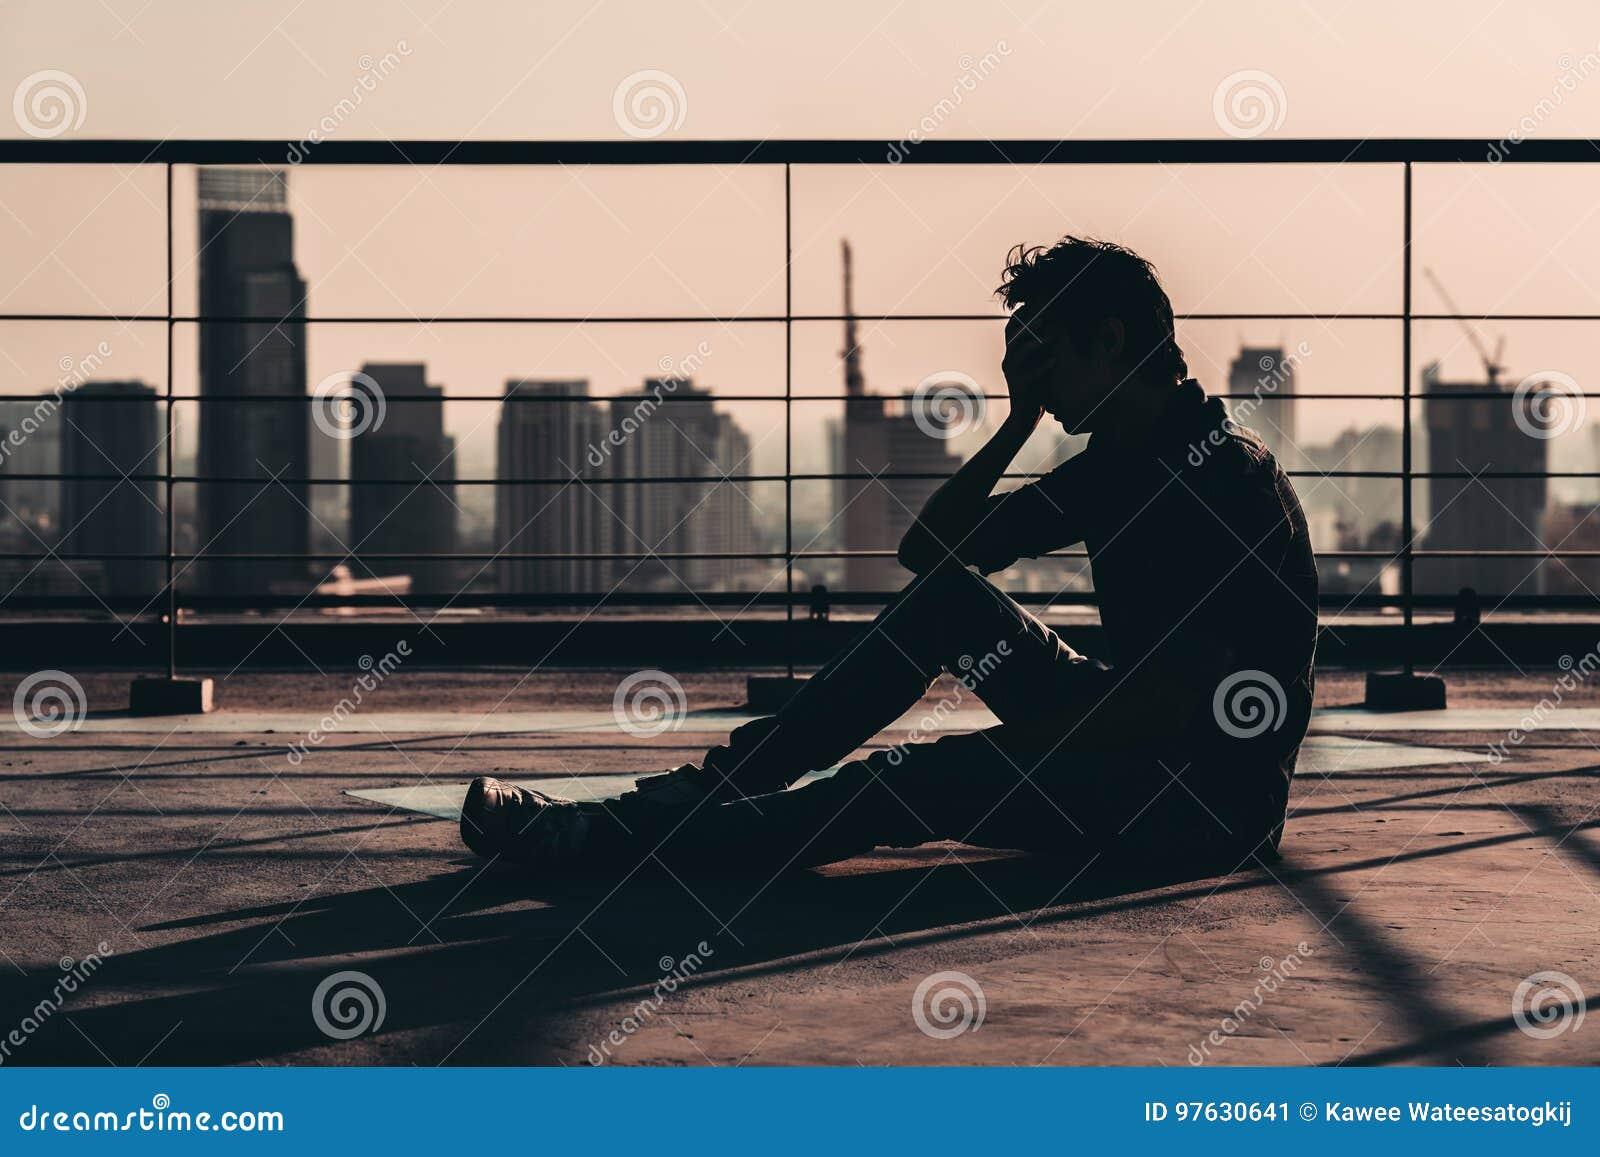 哀伤的沮丧的亚裔人丧失的希望和啼声剪影,坐大厦屋顶在日落,黑暗的心情口气